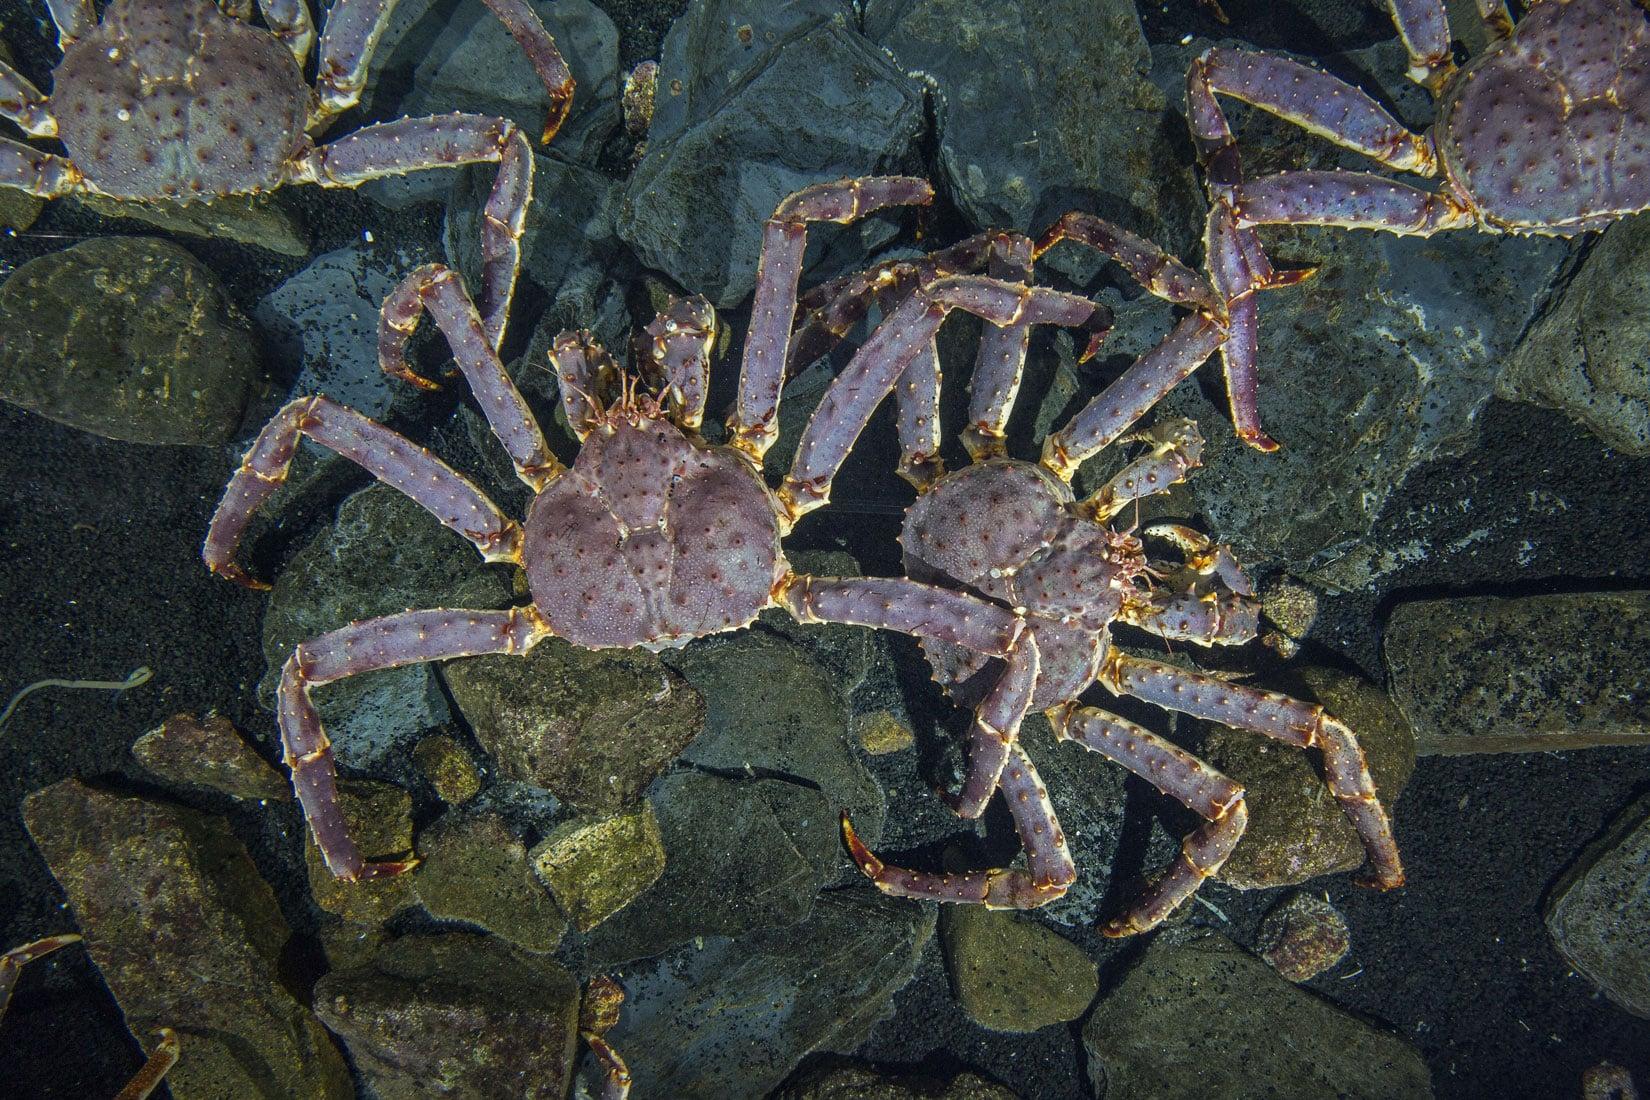 Les crabes royaux du Kamtchatcka - Paralithodes camtschaticus